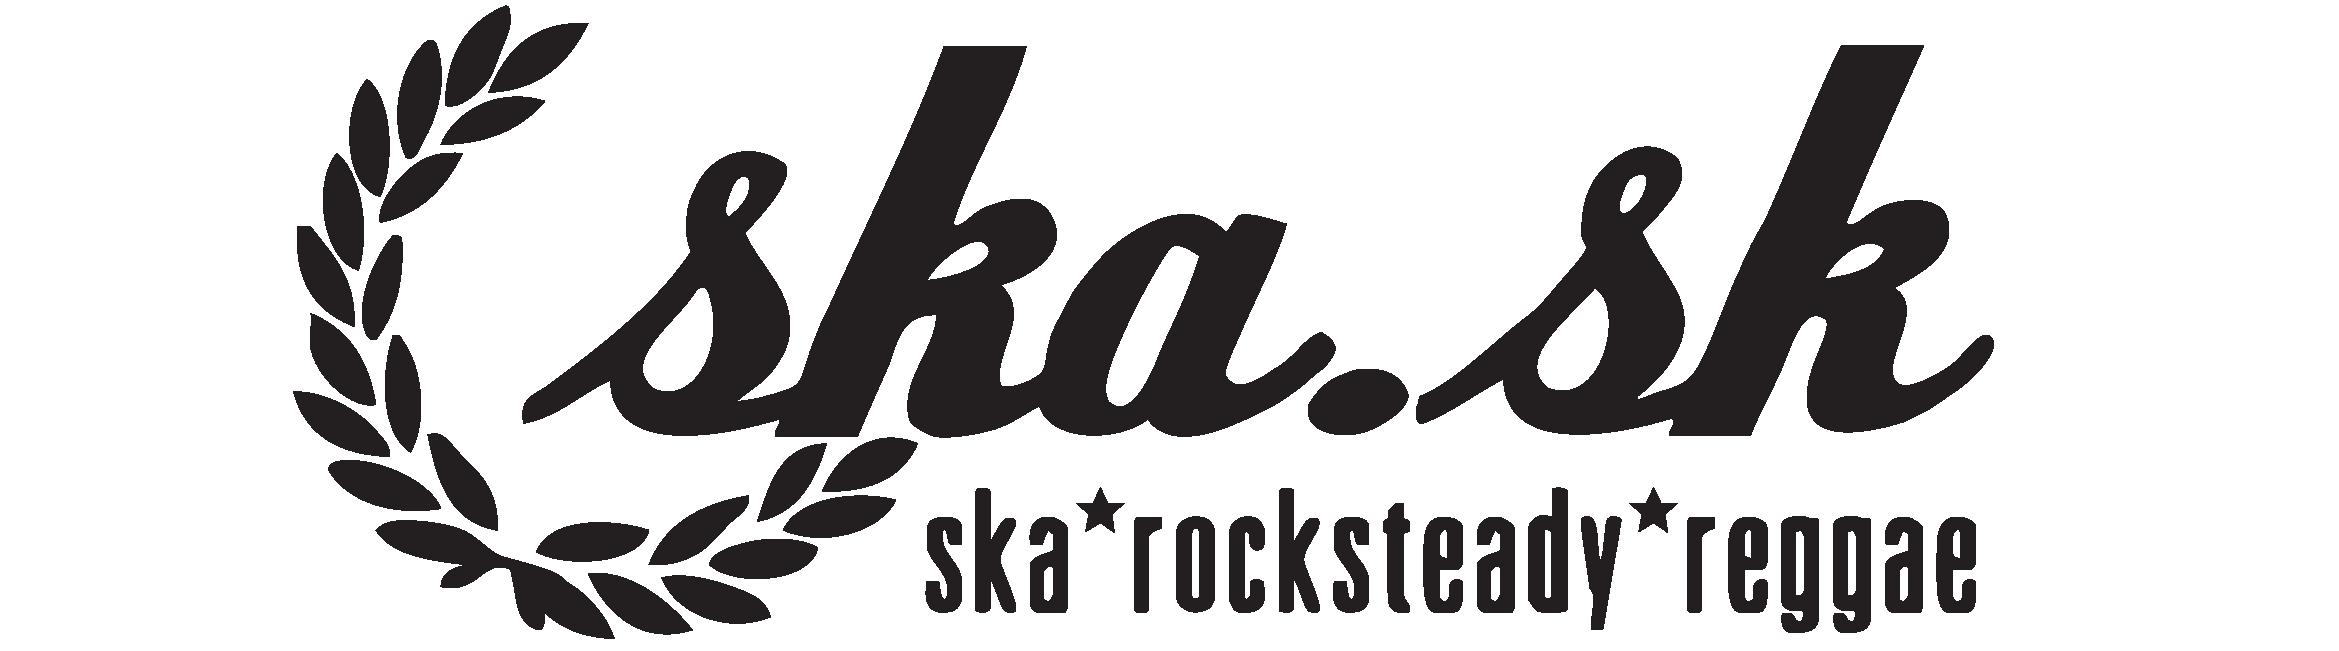 ska.sk